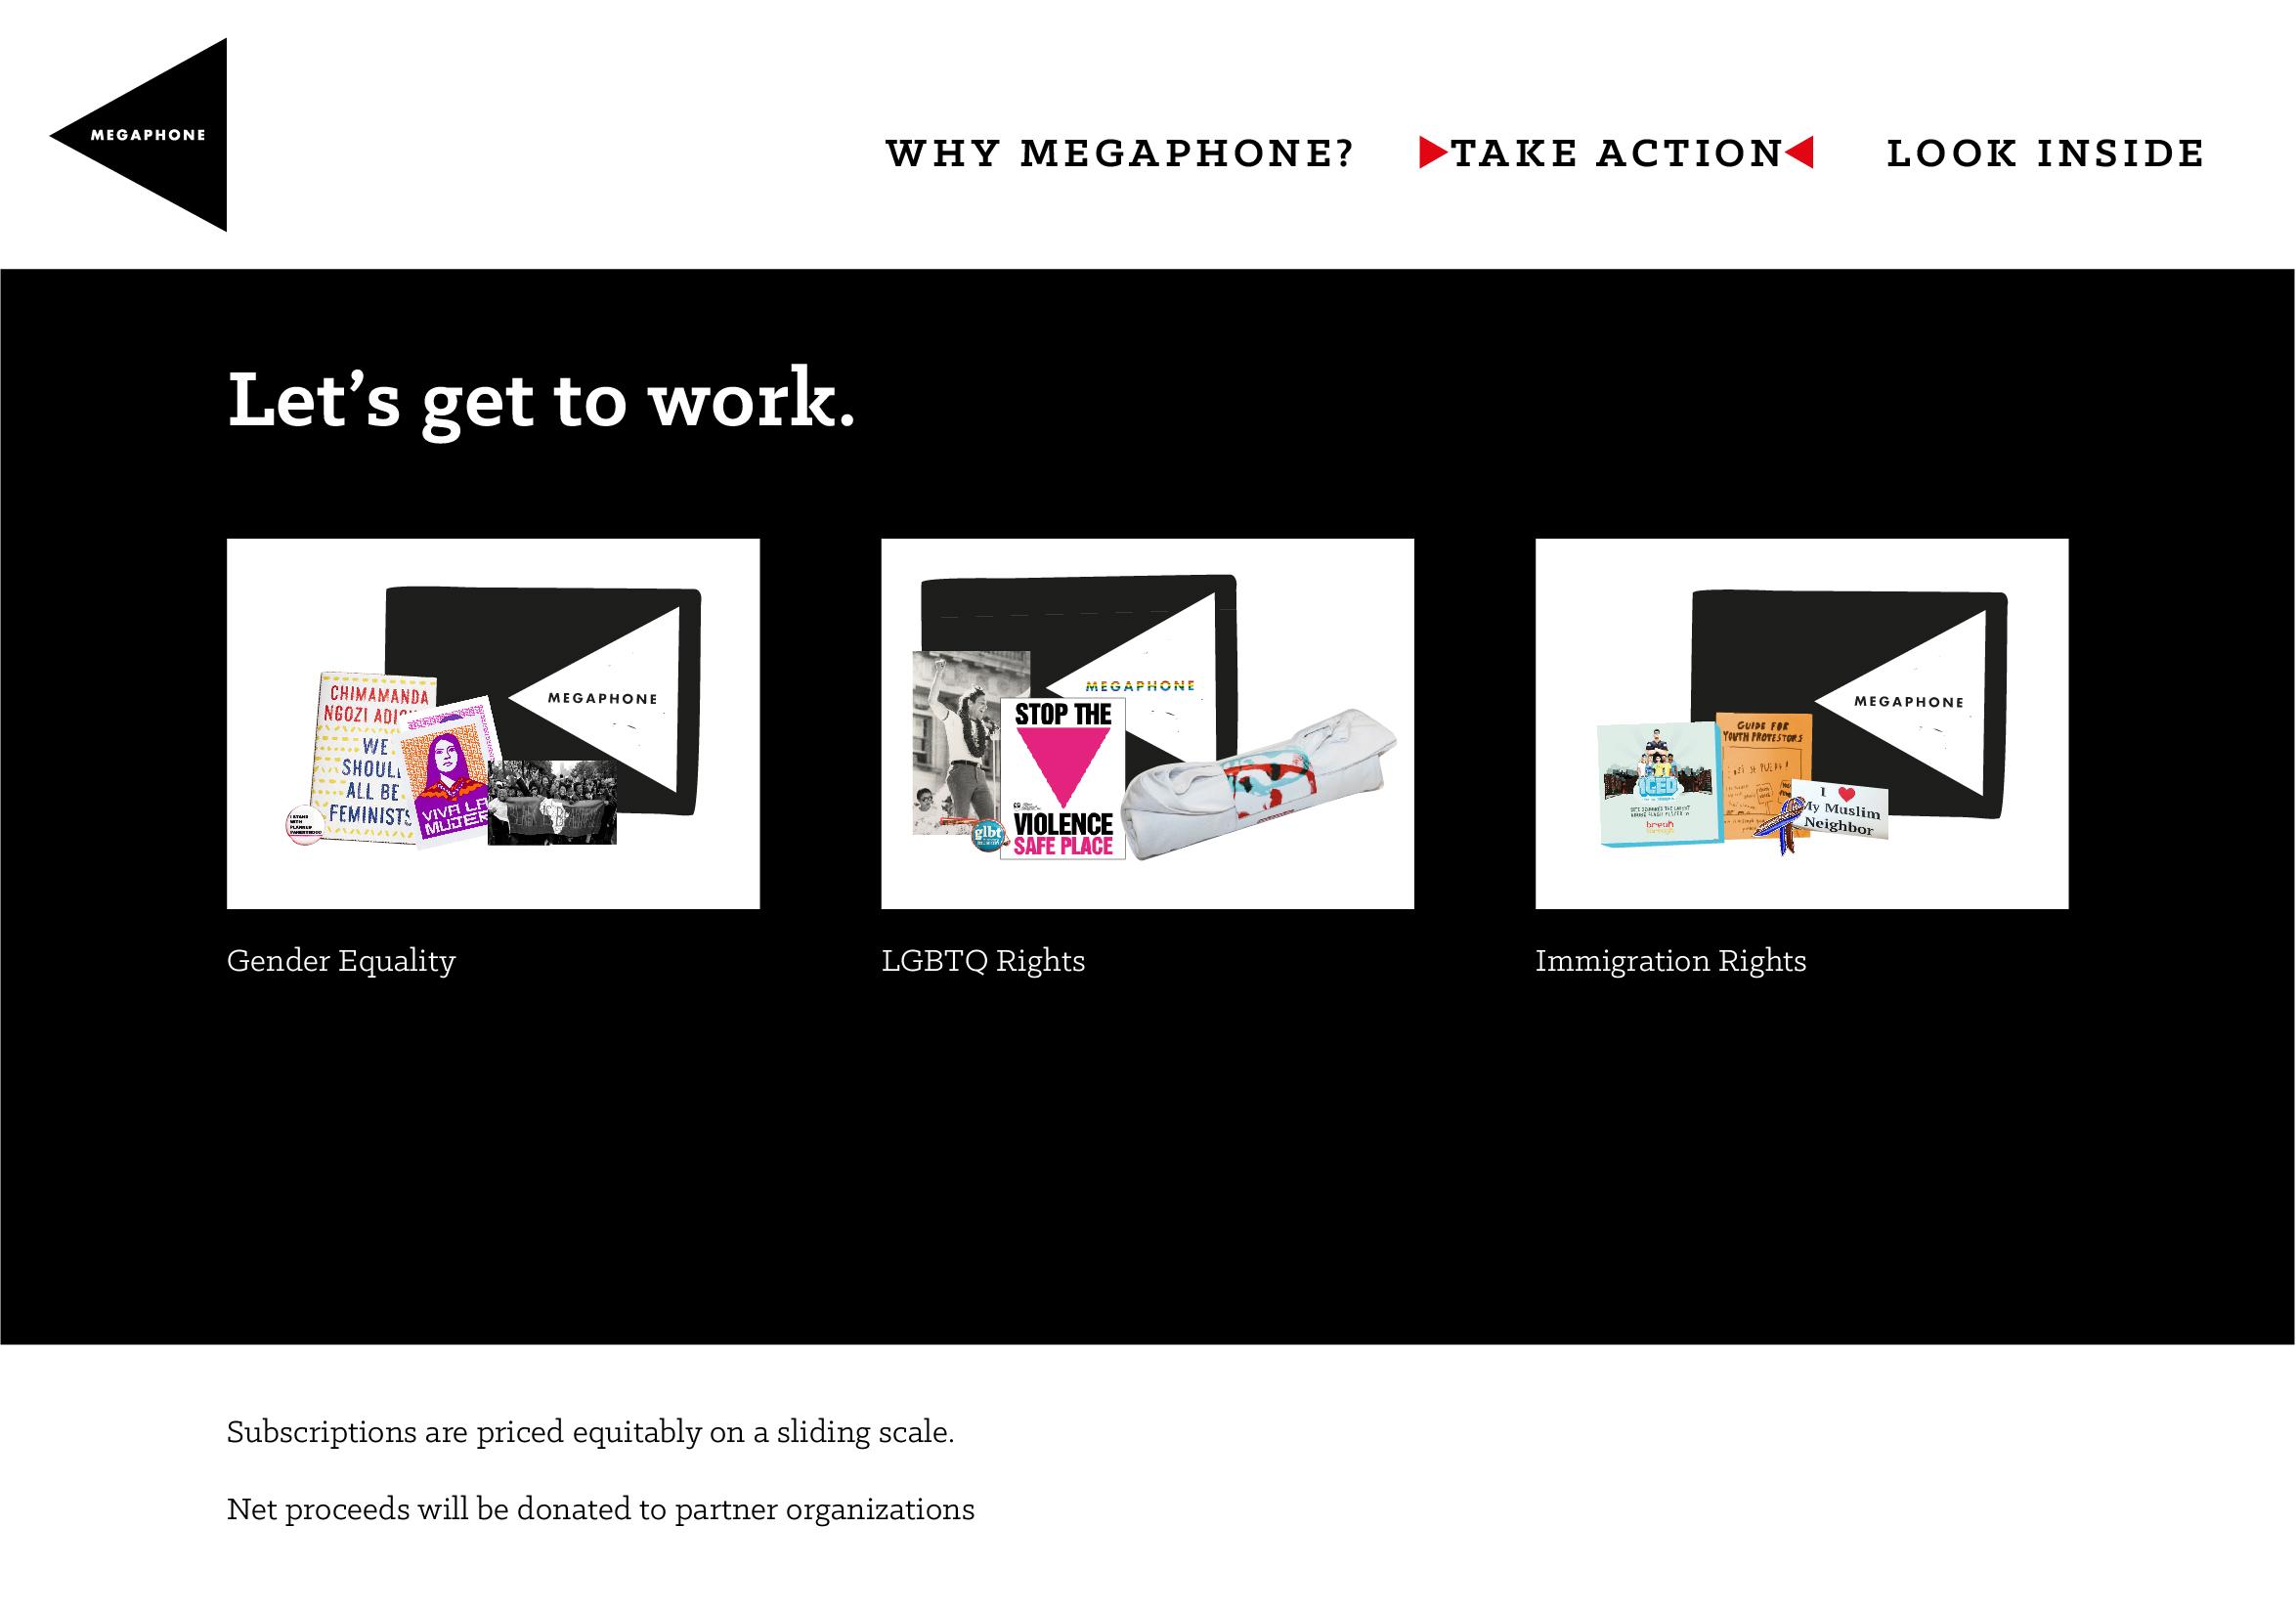 Megaphone_webpages-03.jpg